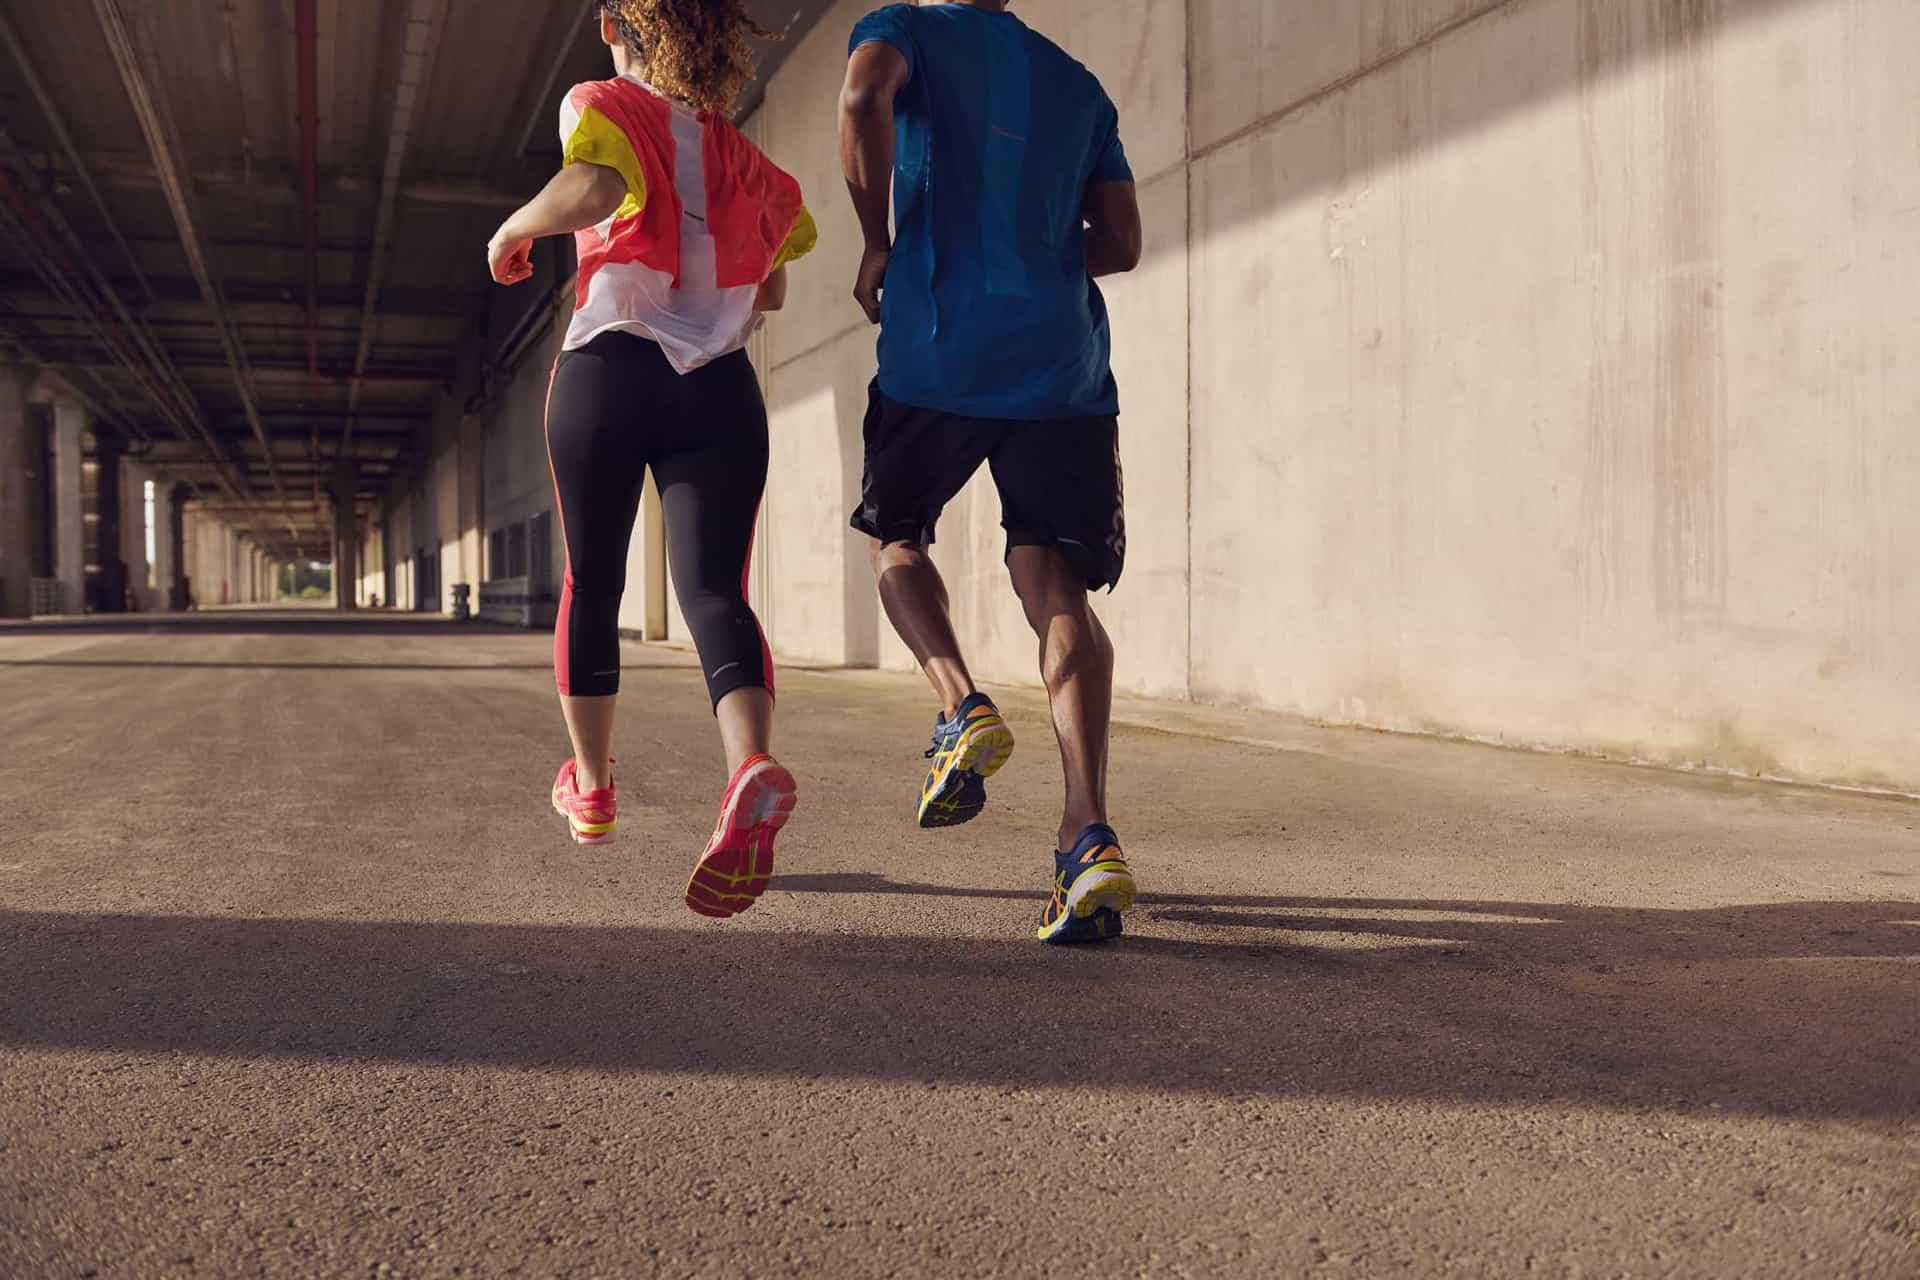 Как правильно выбрать кроссовки для занятий бегом Основные характеристики подходящей обуви